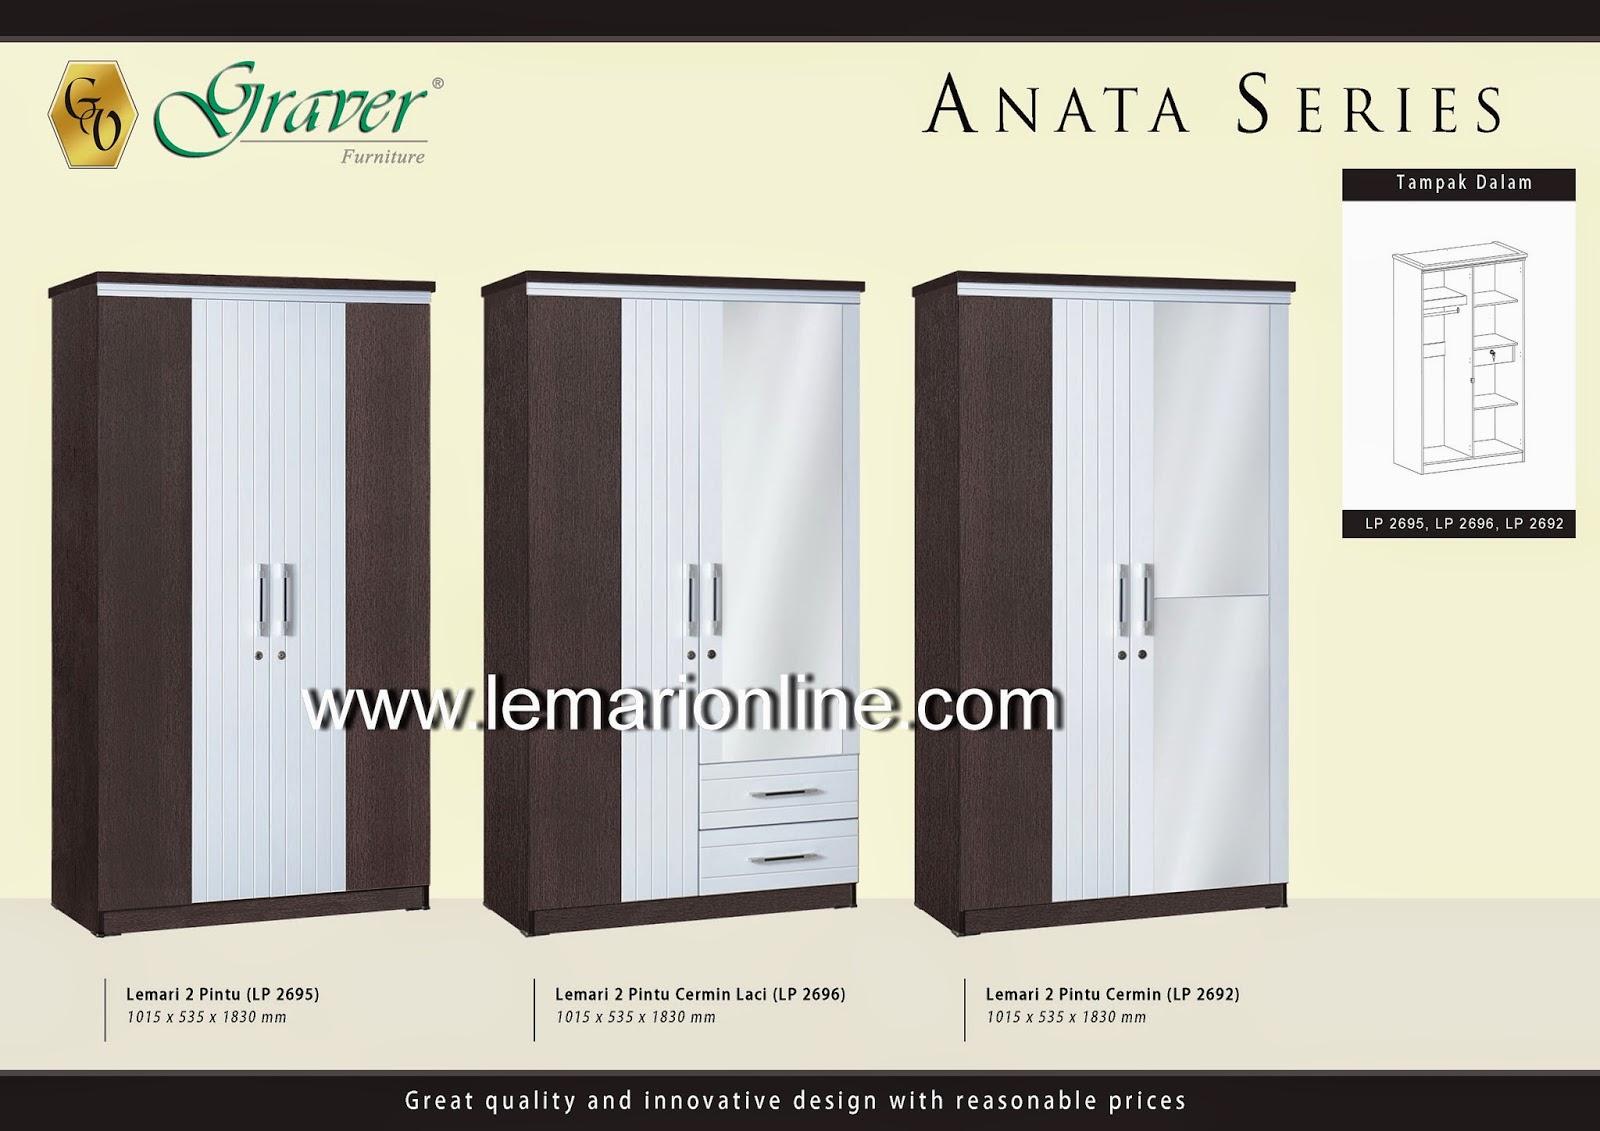 http://www.lemarionline.com/2014/07/lemari-pakaian-2-pintu-anata-series.html